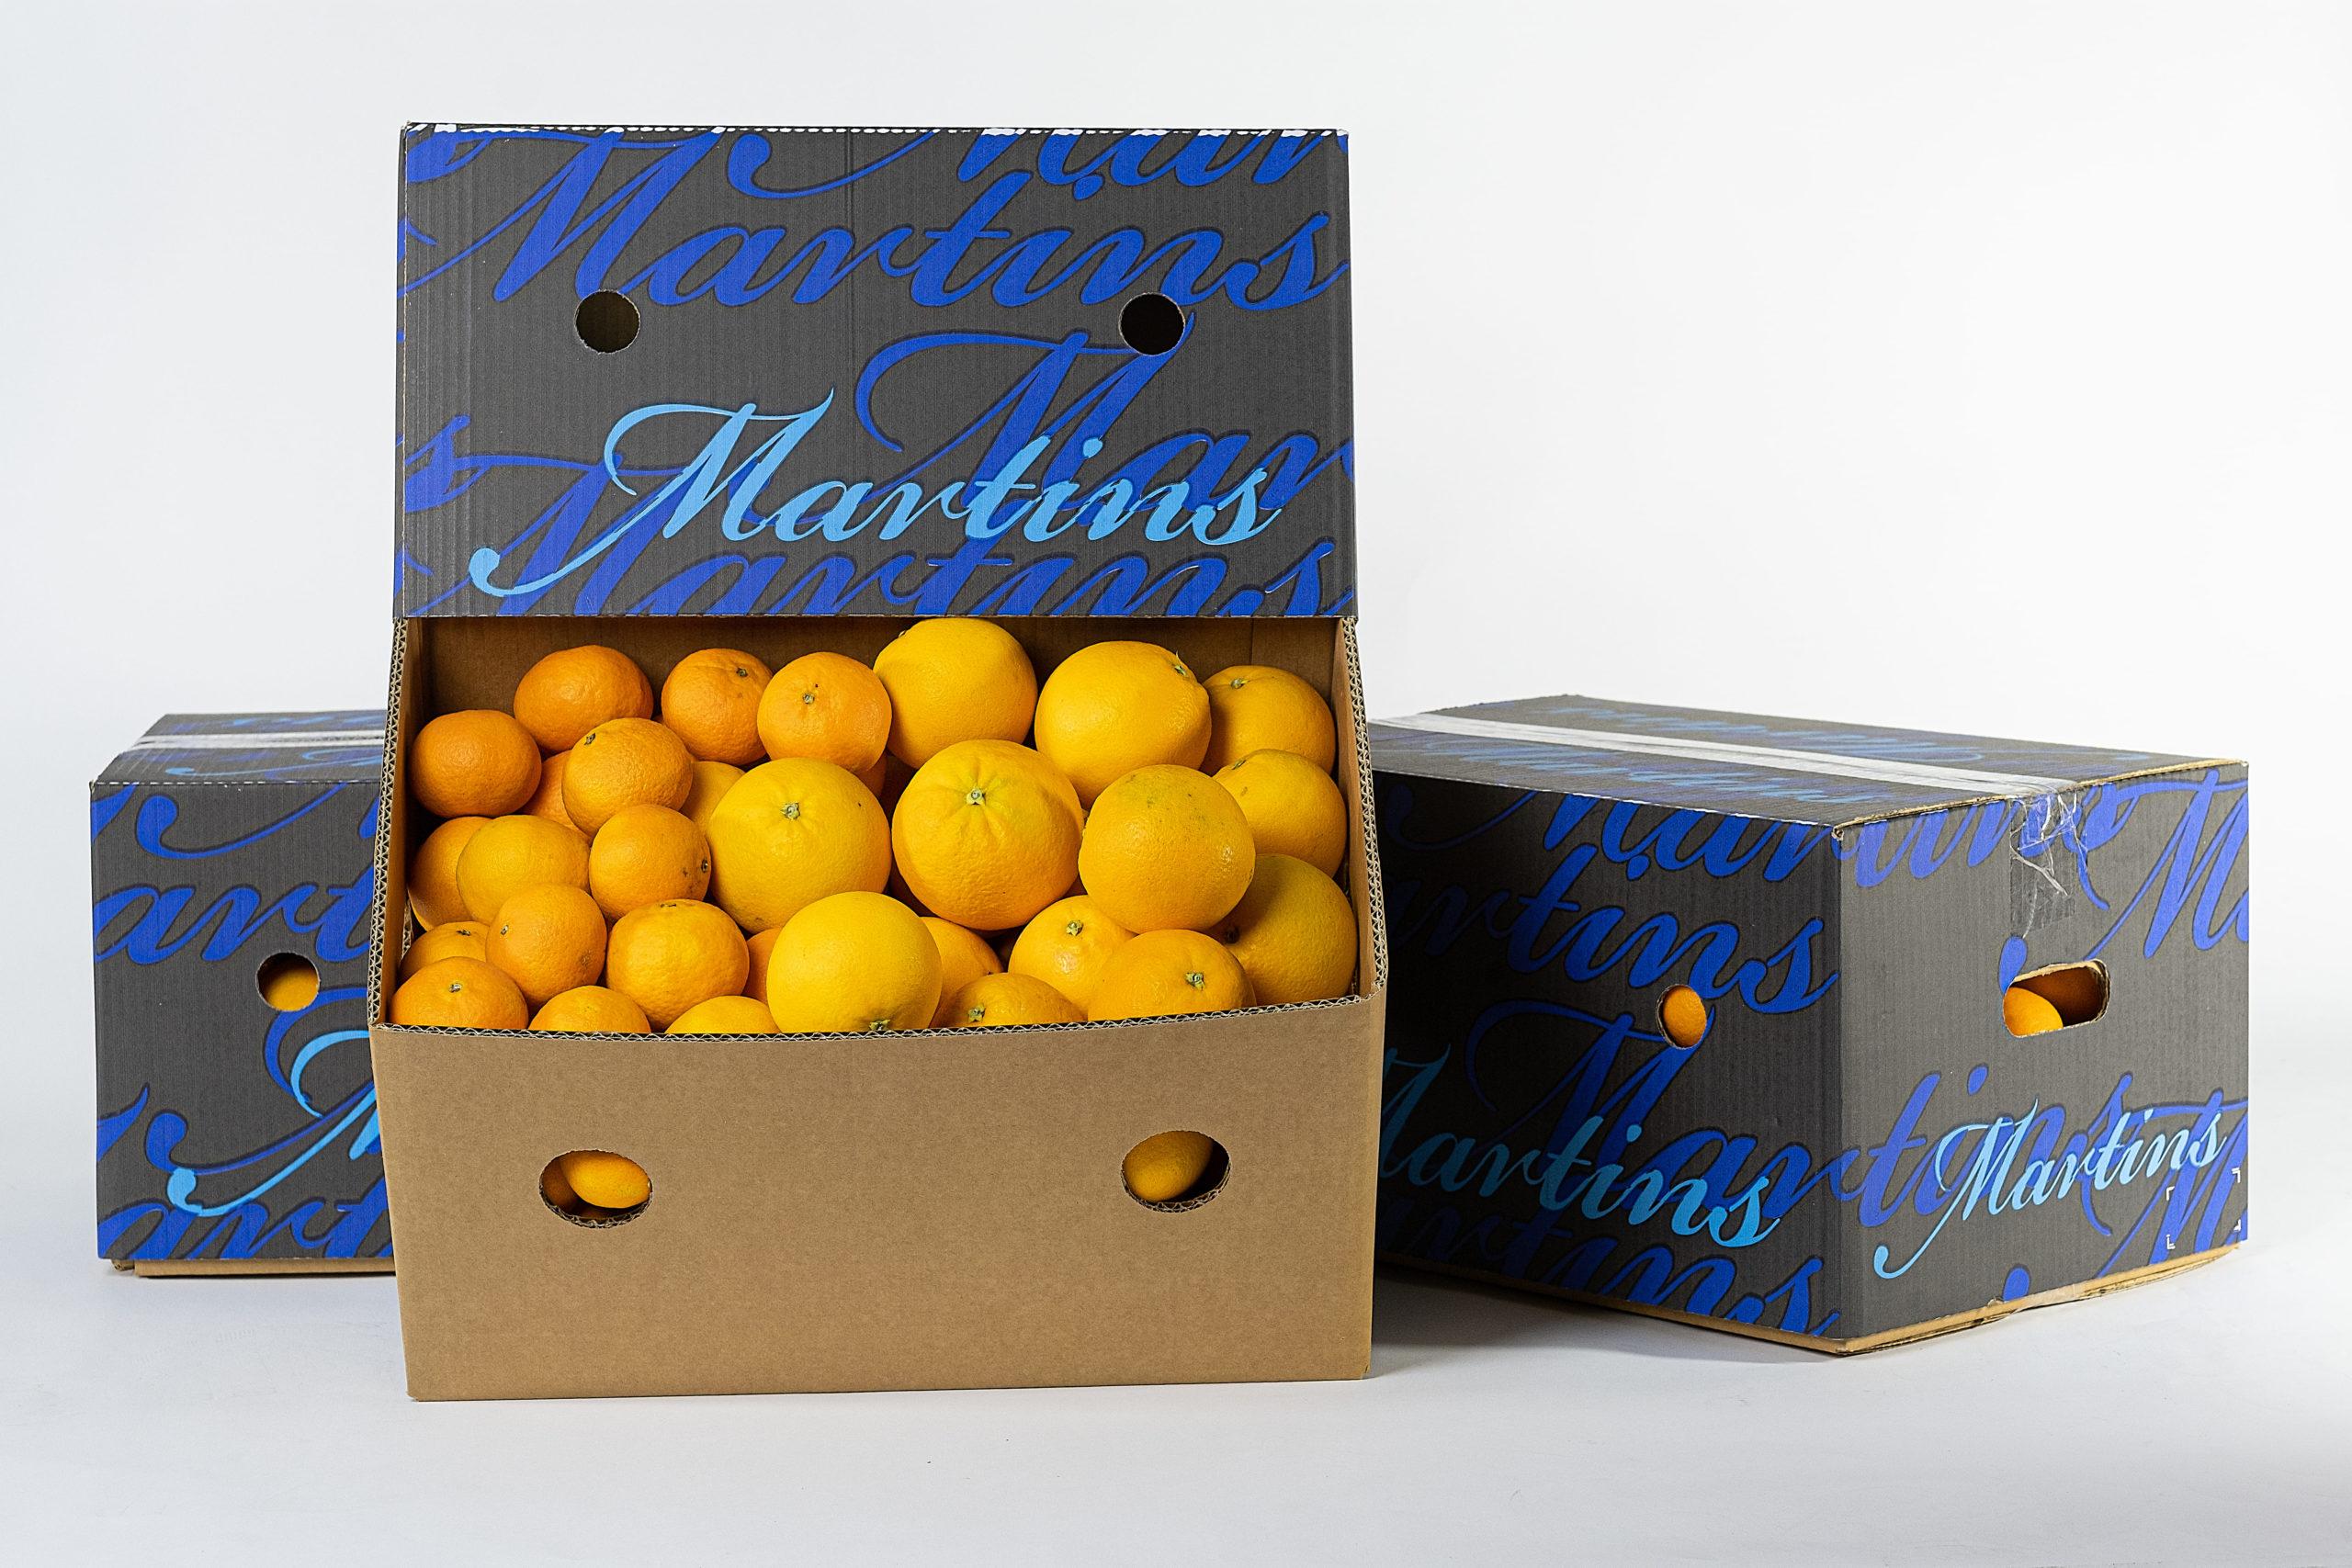 mix taronges i mandarines